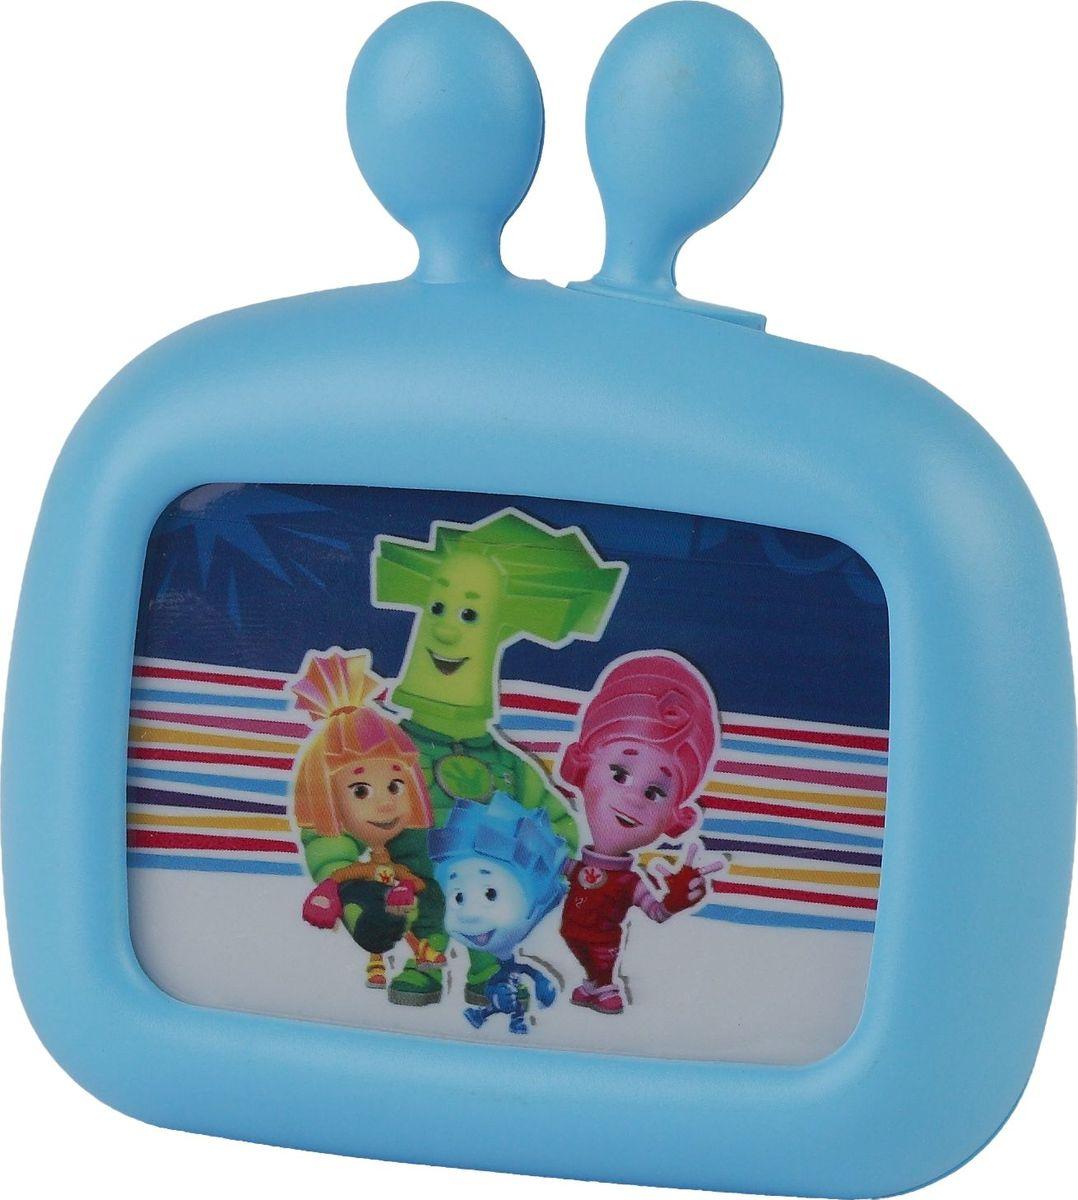 Ночник ЭРА Фиксики, цвет: синий. NN-613-SW-BUNN-613-SW-BUНочник со светодиодами (LED) в качестве источников света. C выключателем. Блистерная упаковка с открытой вилкой.